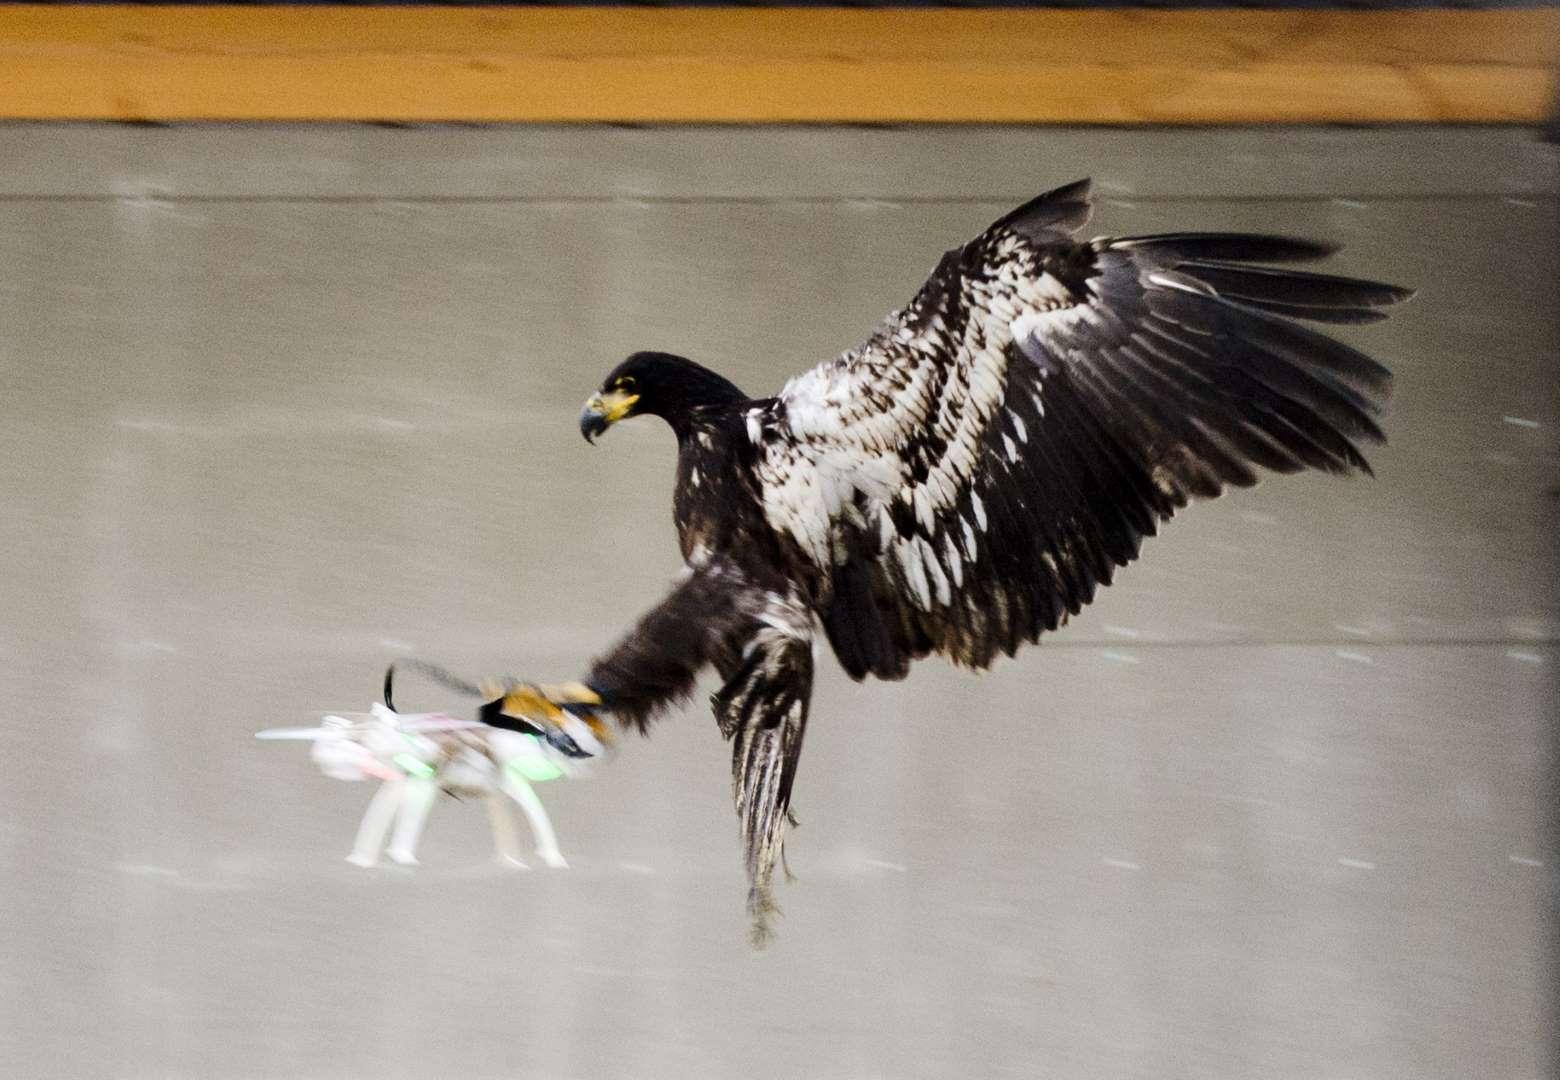 Eagle vs drone | Amsterdam Spoke Magazine